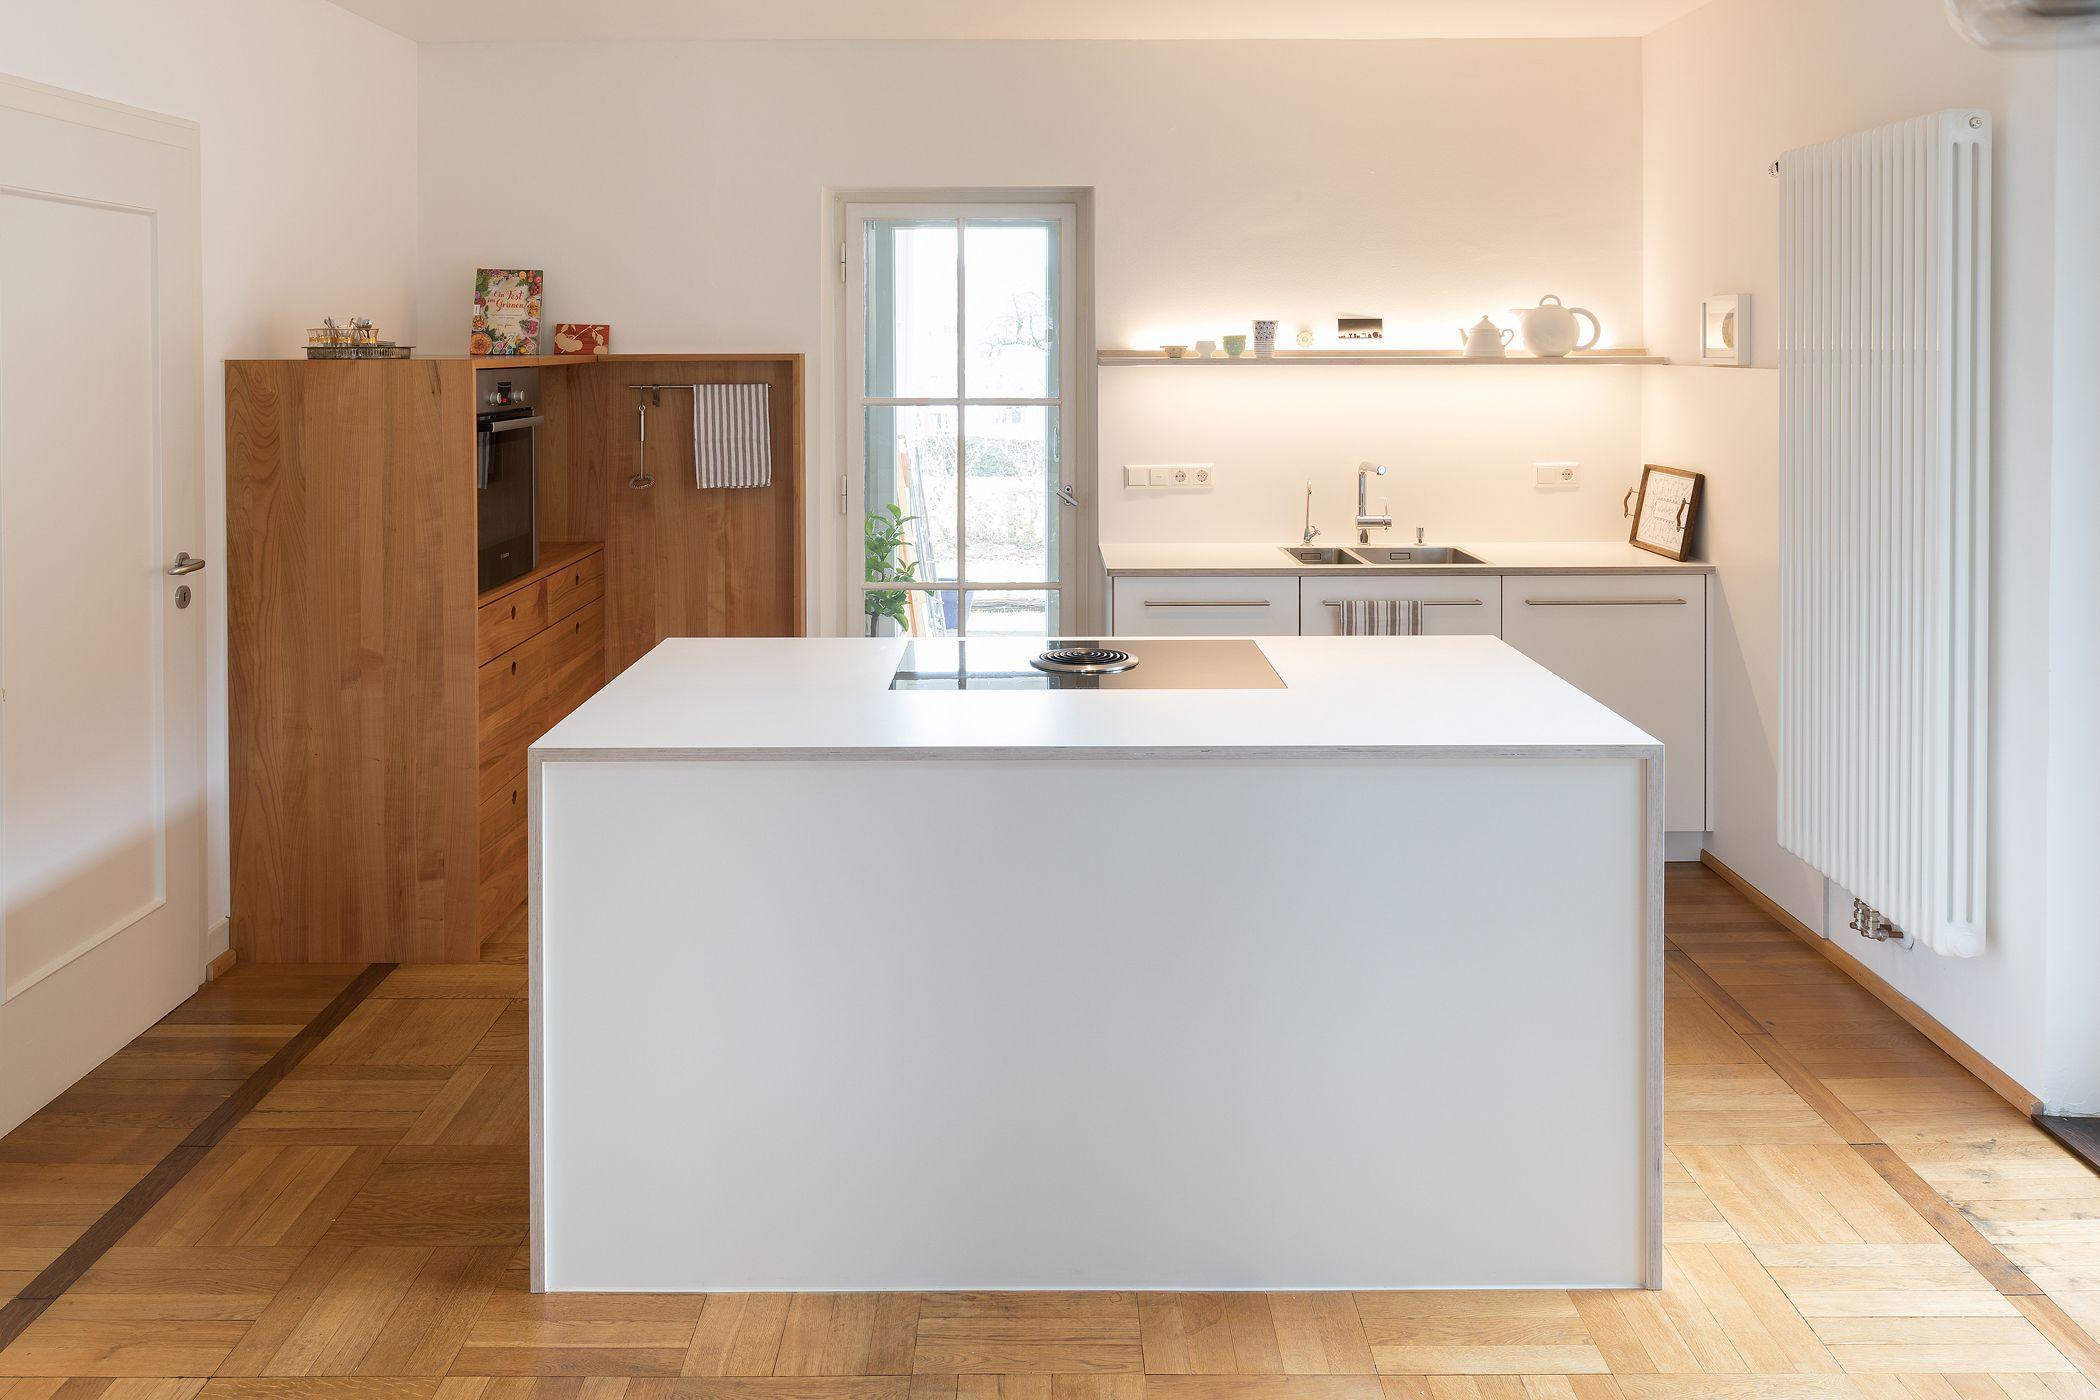 Kücheninsel | Kochinsel| weiß | kleine Küche | modern ...